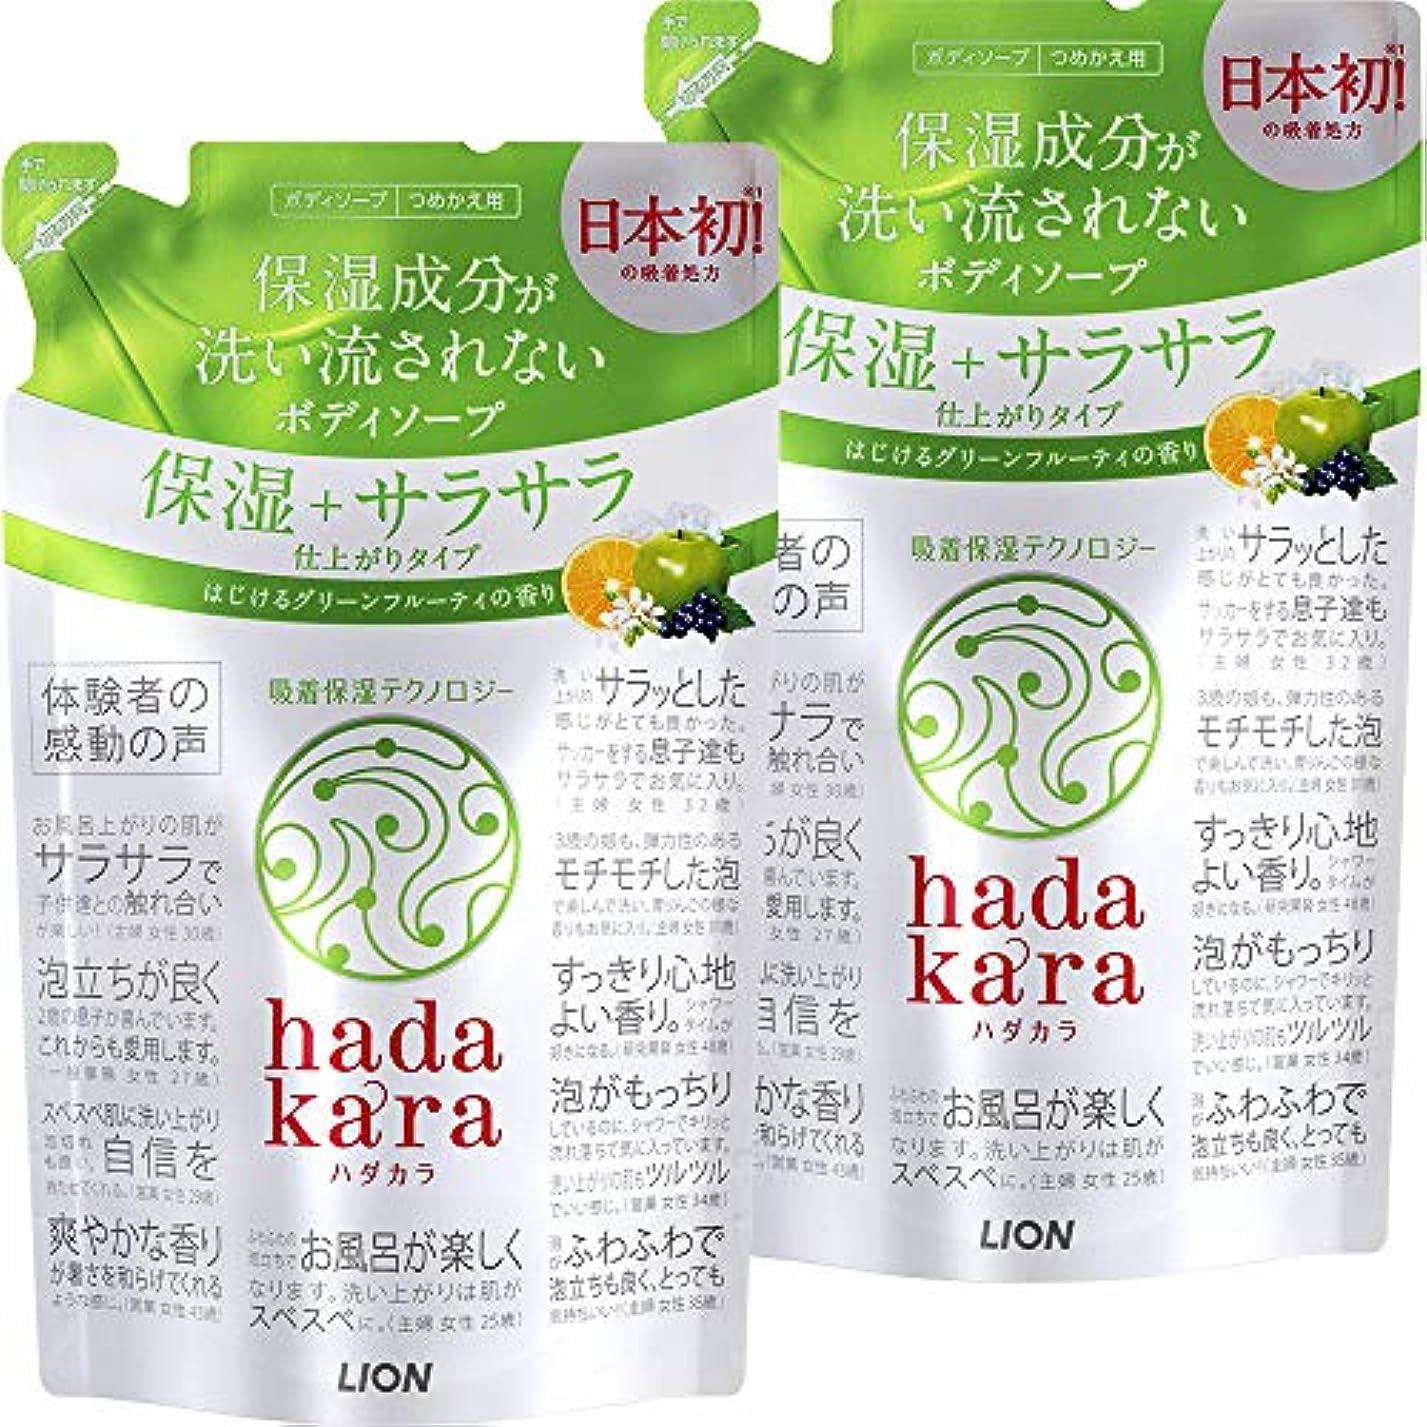 移動安全でない精通した【まとめ買い】hadakara(ハダカラ) ボディソープ 保湿+サラサラ仕上がりタイプ グリーンフルーティの香り 詰め替え 340ml×2個パック